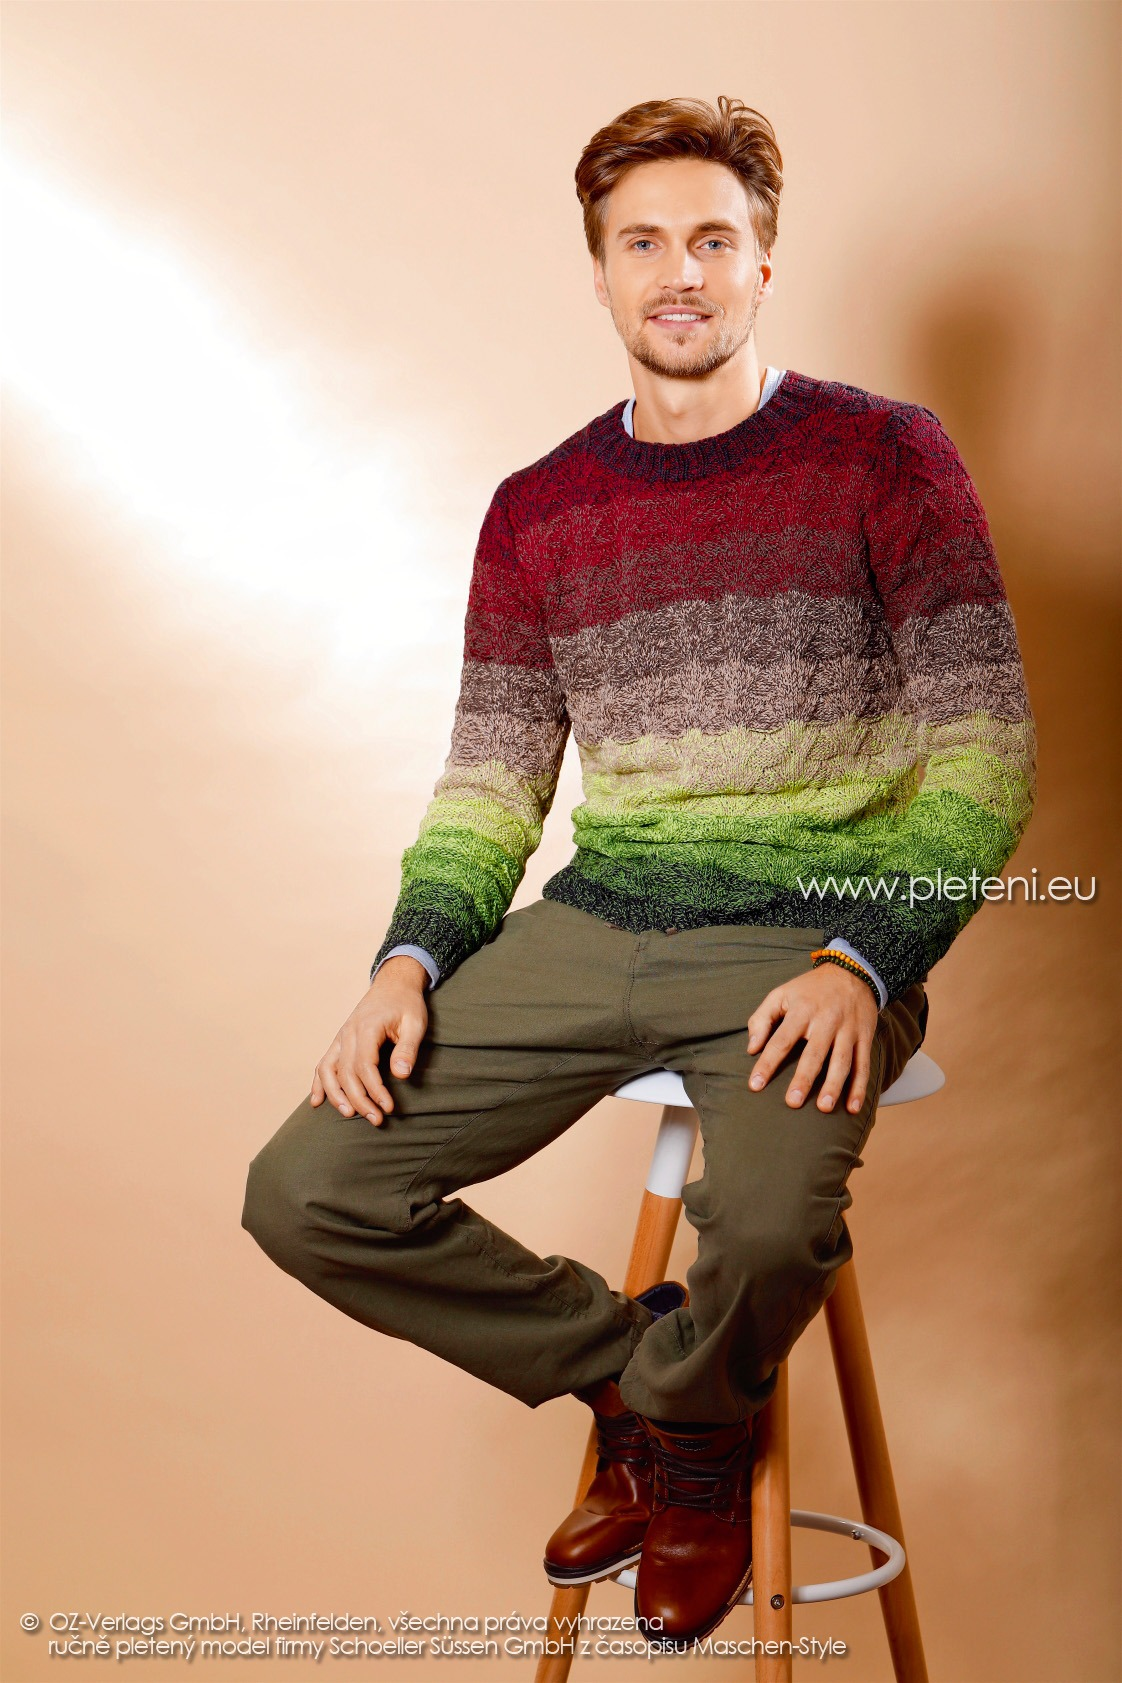 2017-2018 model 43 pánský pletený svetr z příze Merino Lace firmy Schoeller